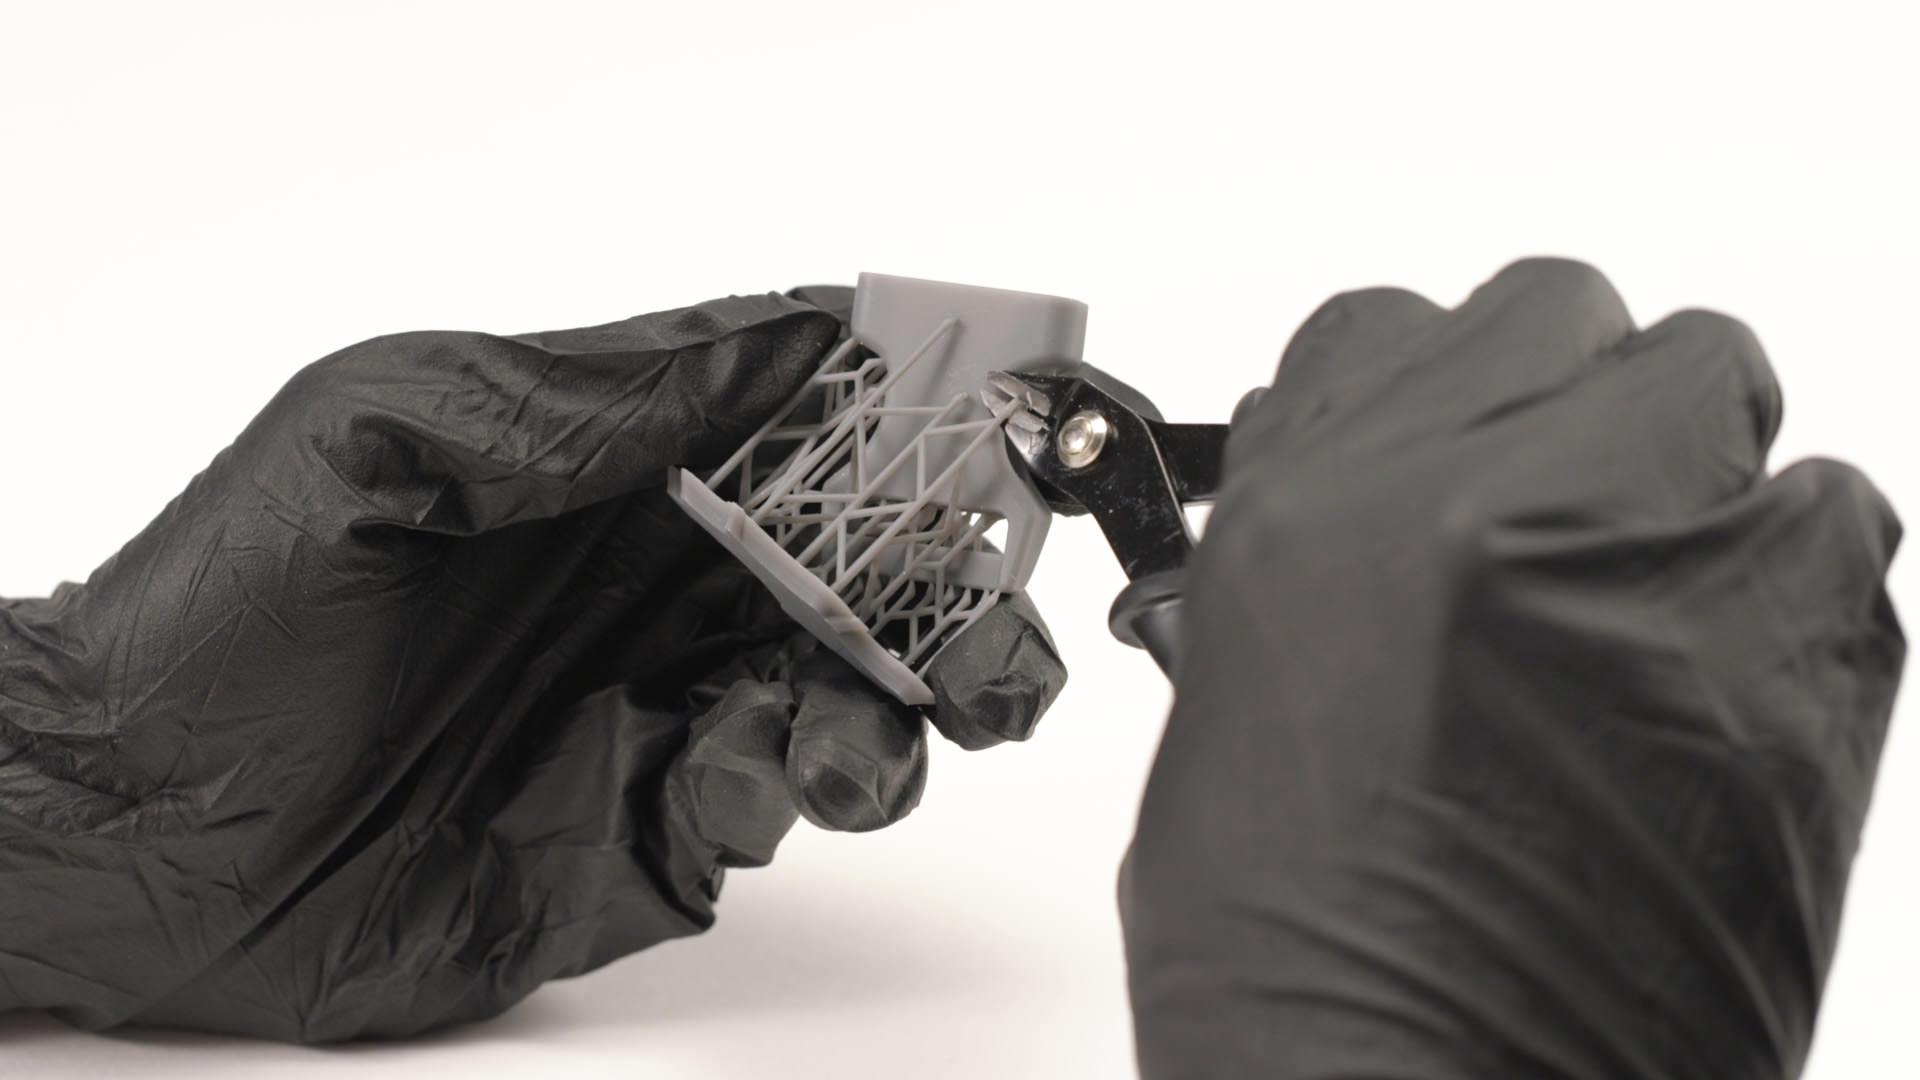 Finition d'un pièce imprimée en 3D par SLA.